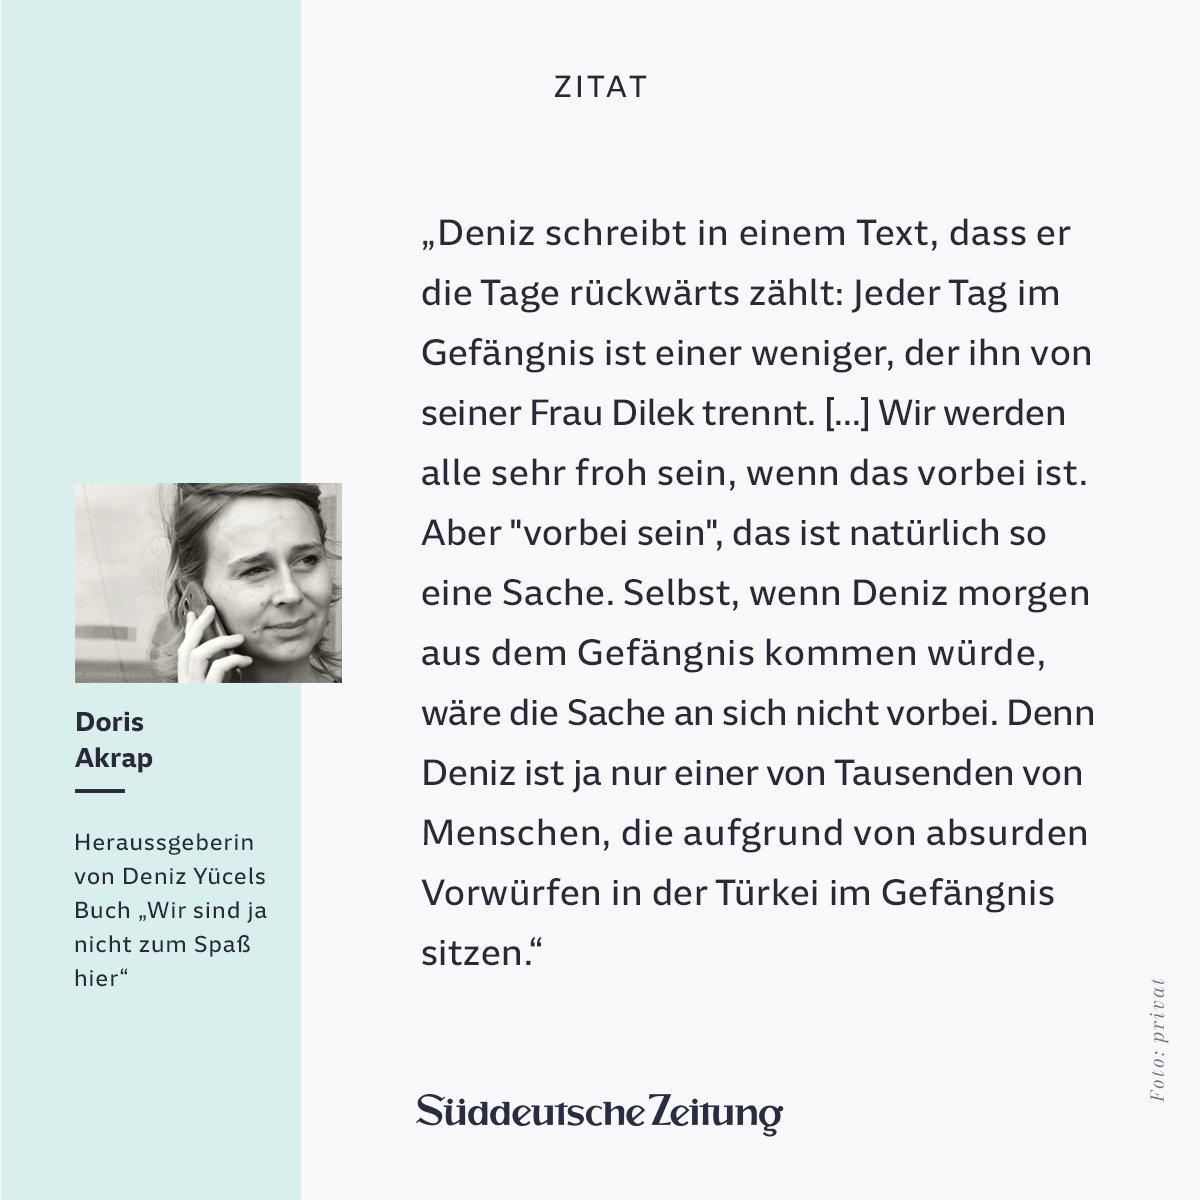 Süddeutsche Zeitung on Twitter: